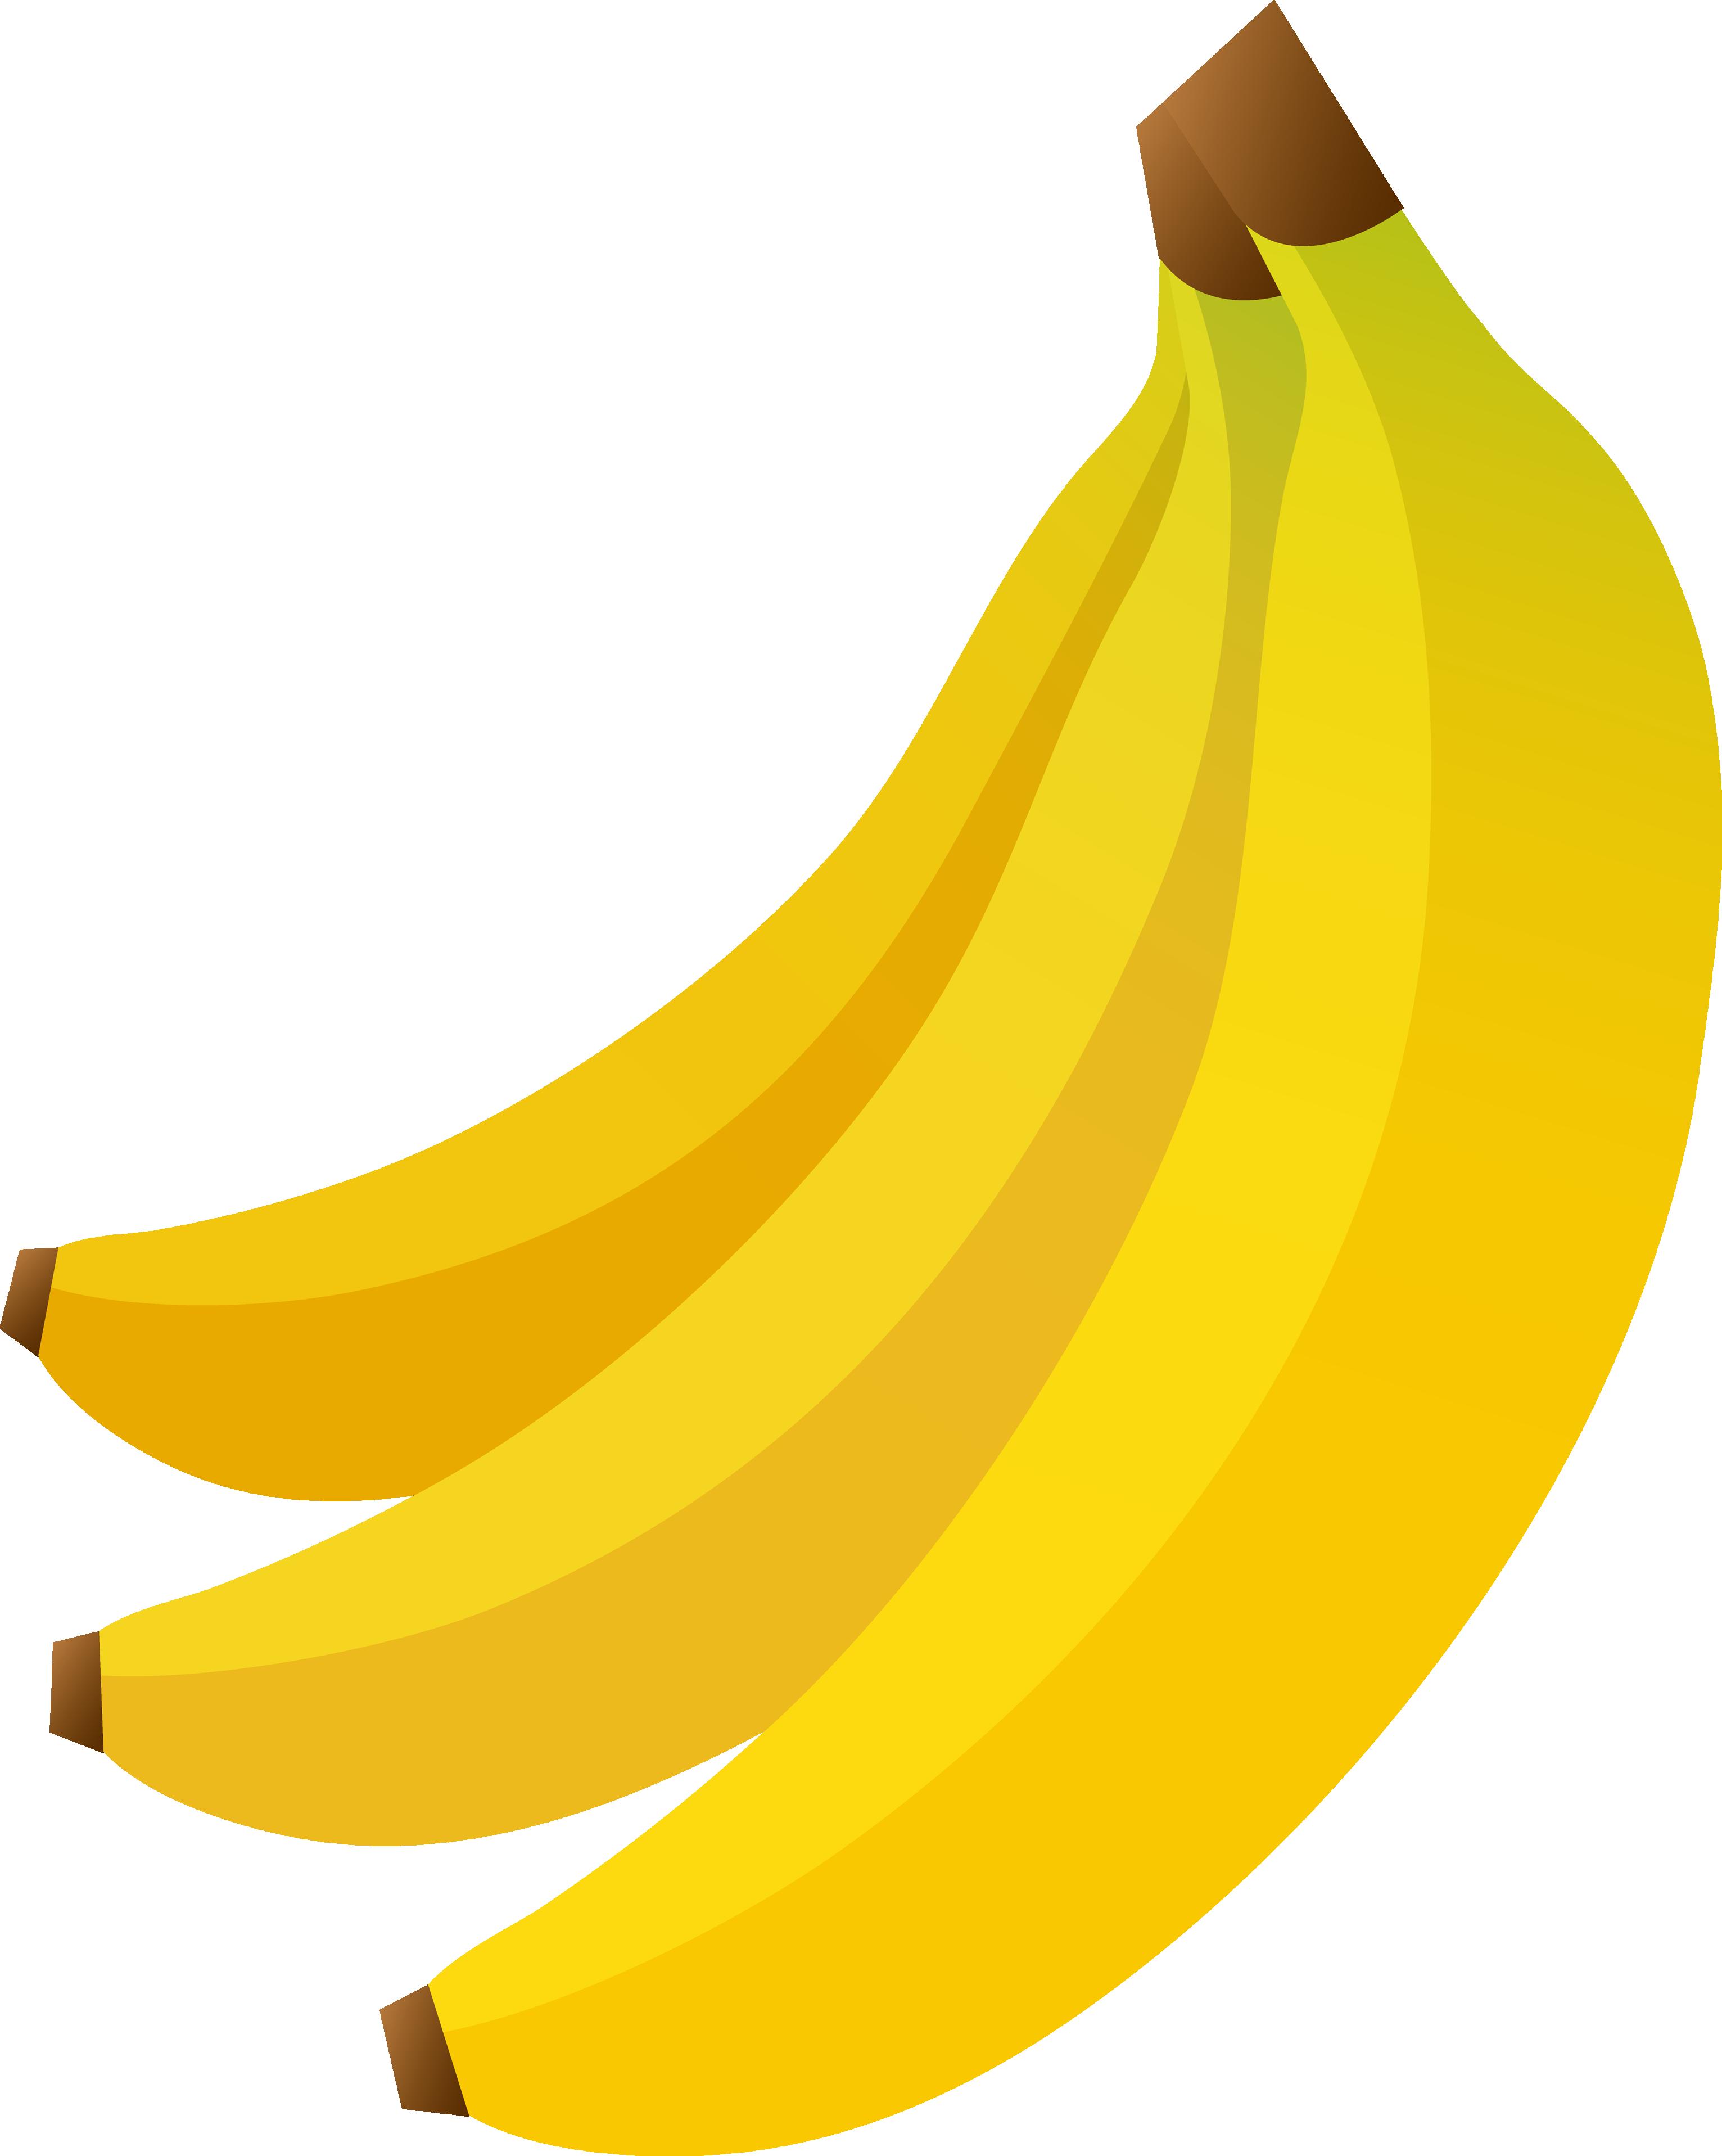 image library library Bananas vector. Banana png image free